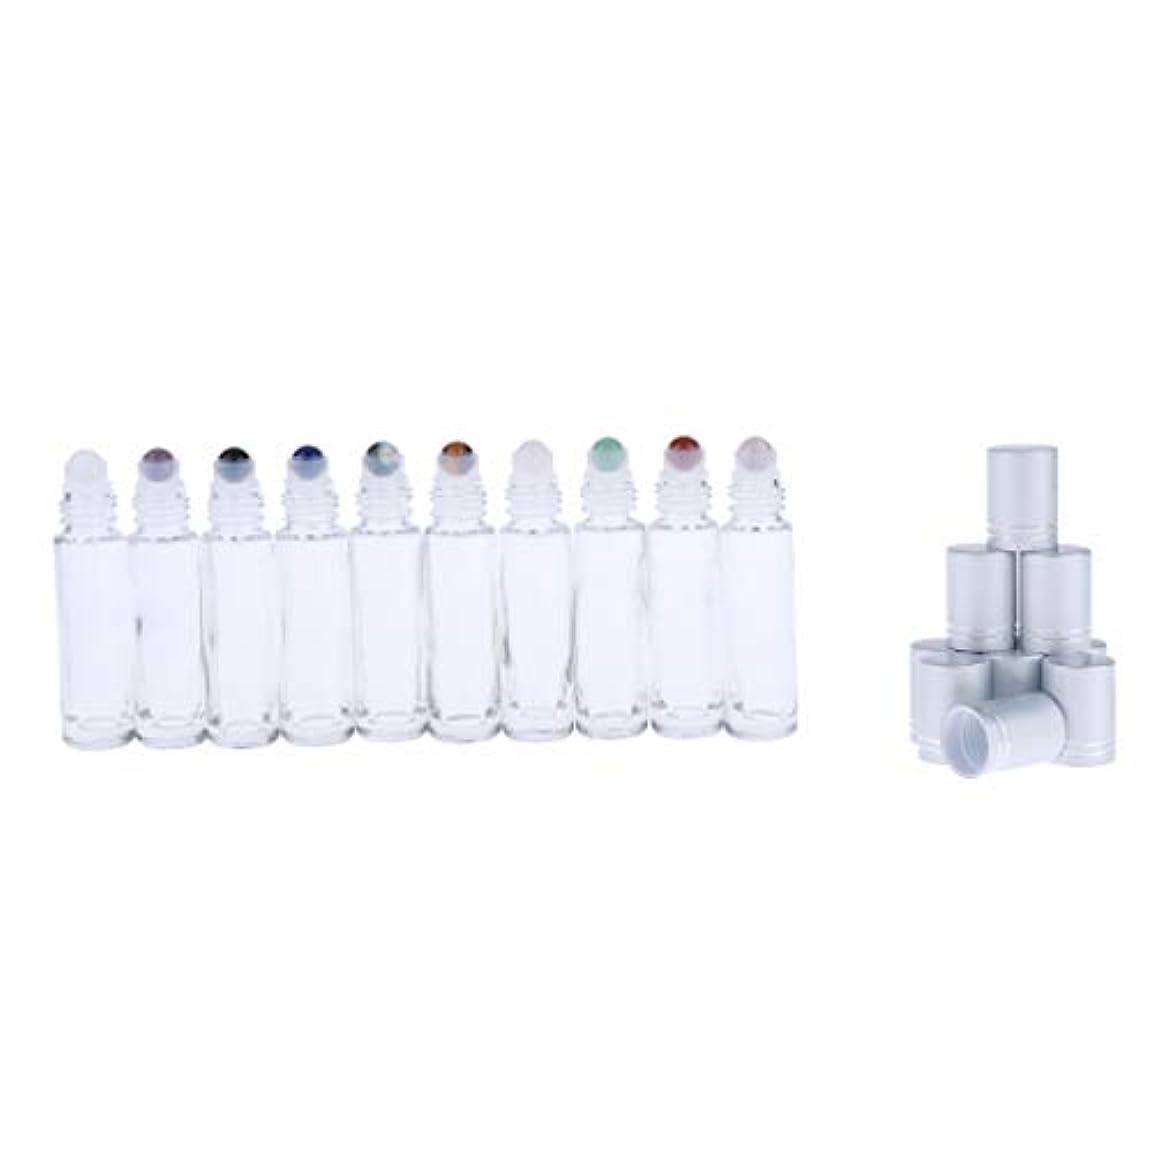 ニッケル少年今後sharprepublic 10個 ロールオンボトル ガラスボトル 精油 香水やアロマの保存 詰替え 小分け用 10ml